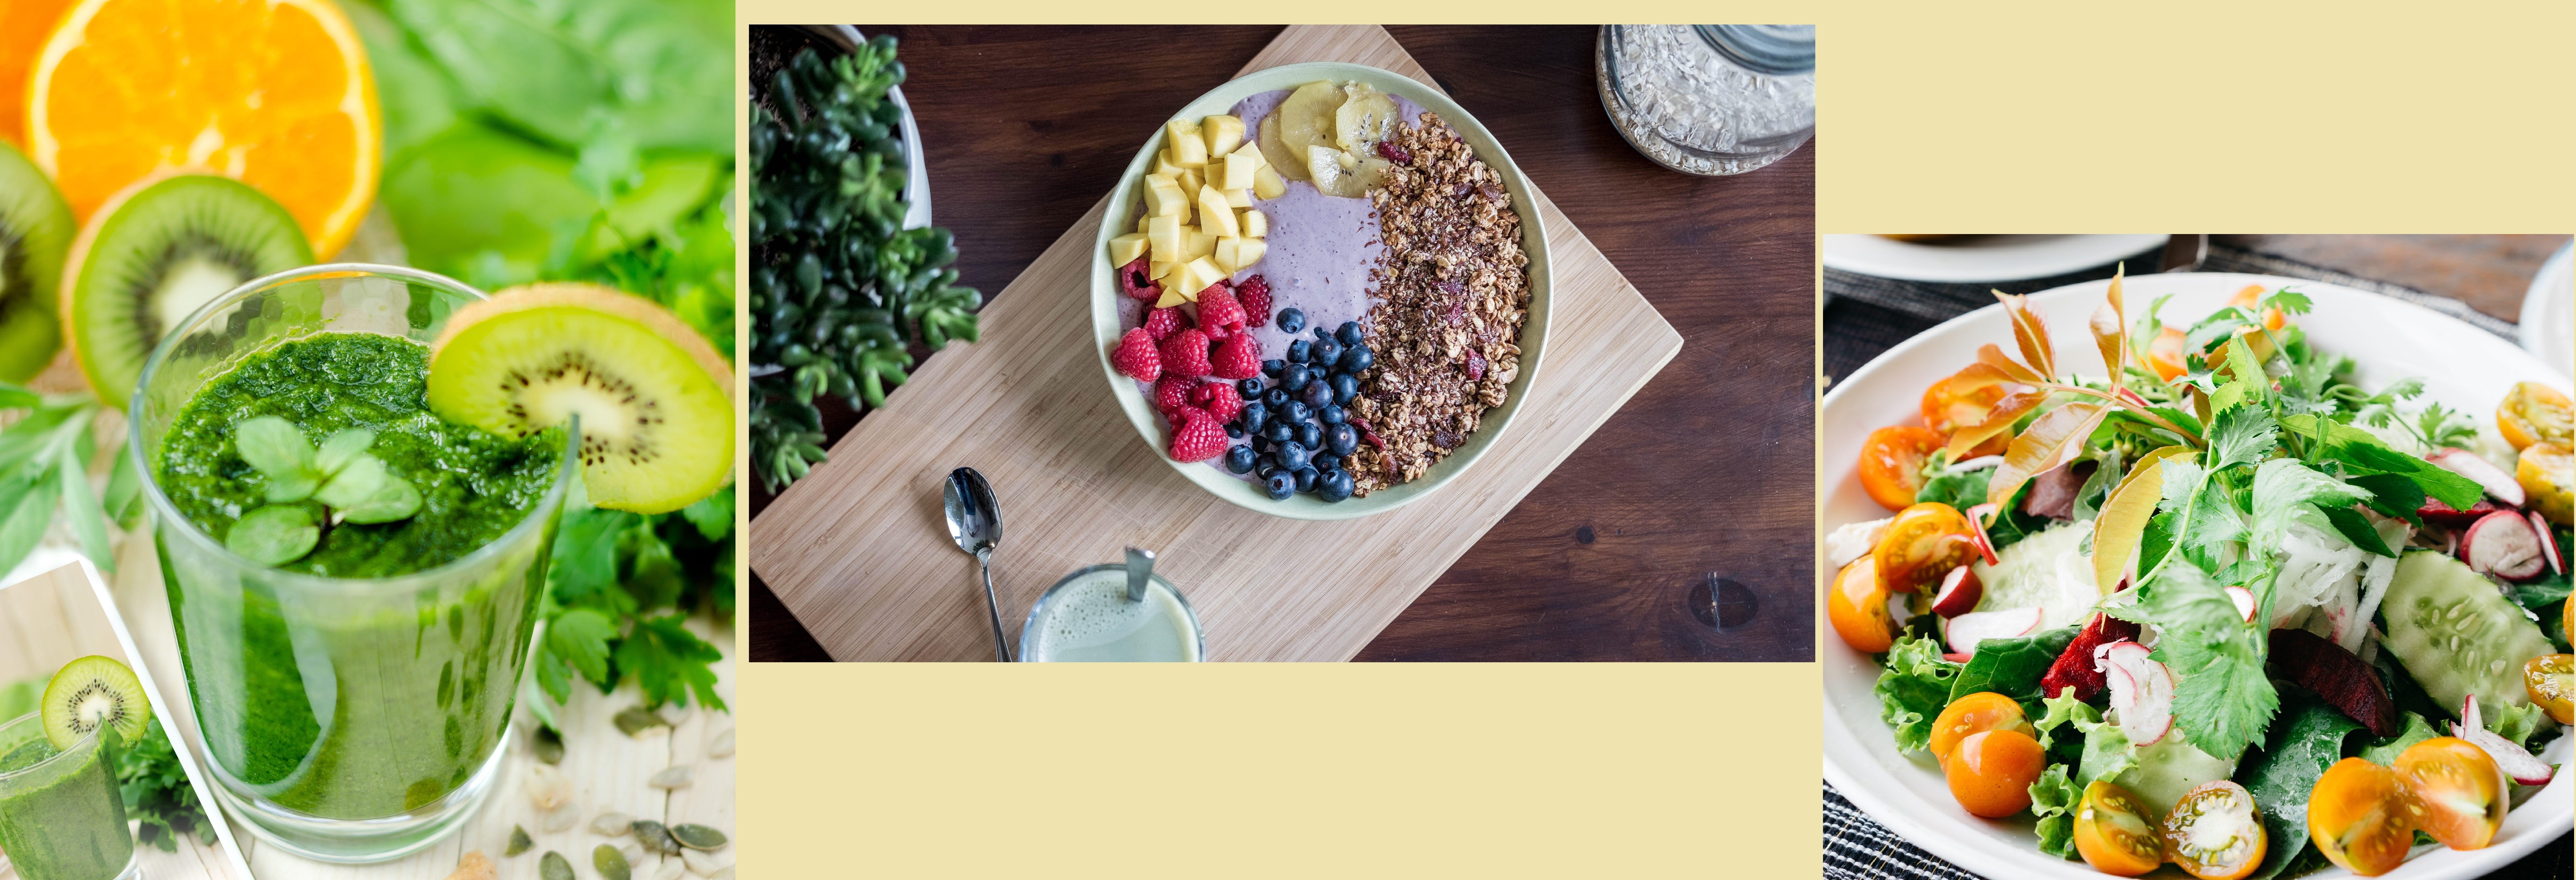 Ganzheitliche Ernährungsberatung online